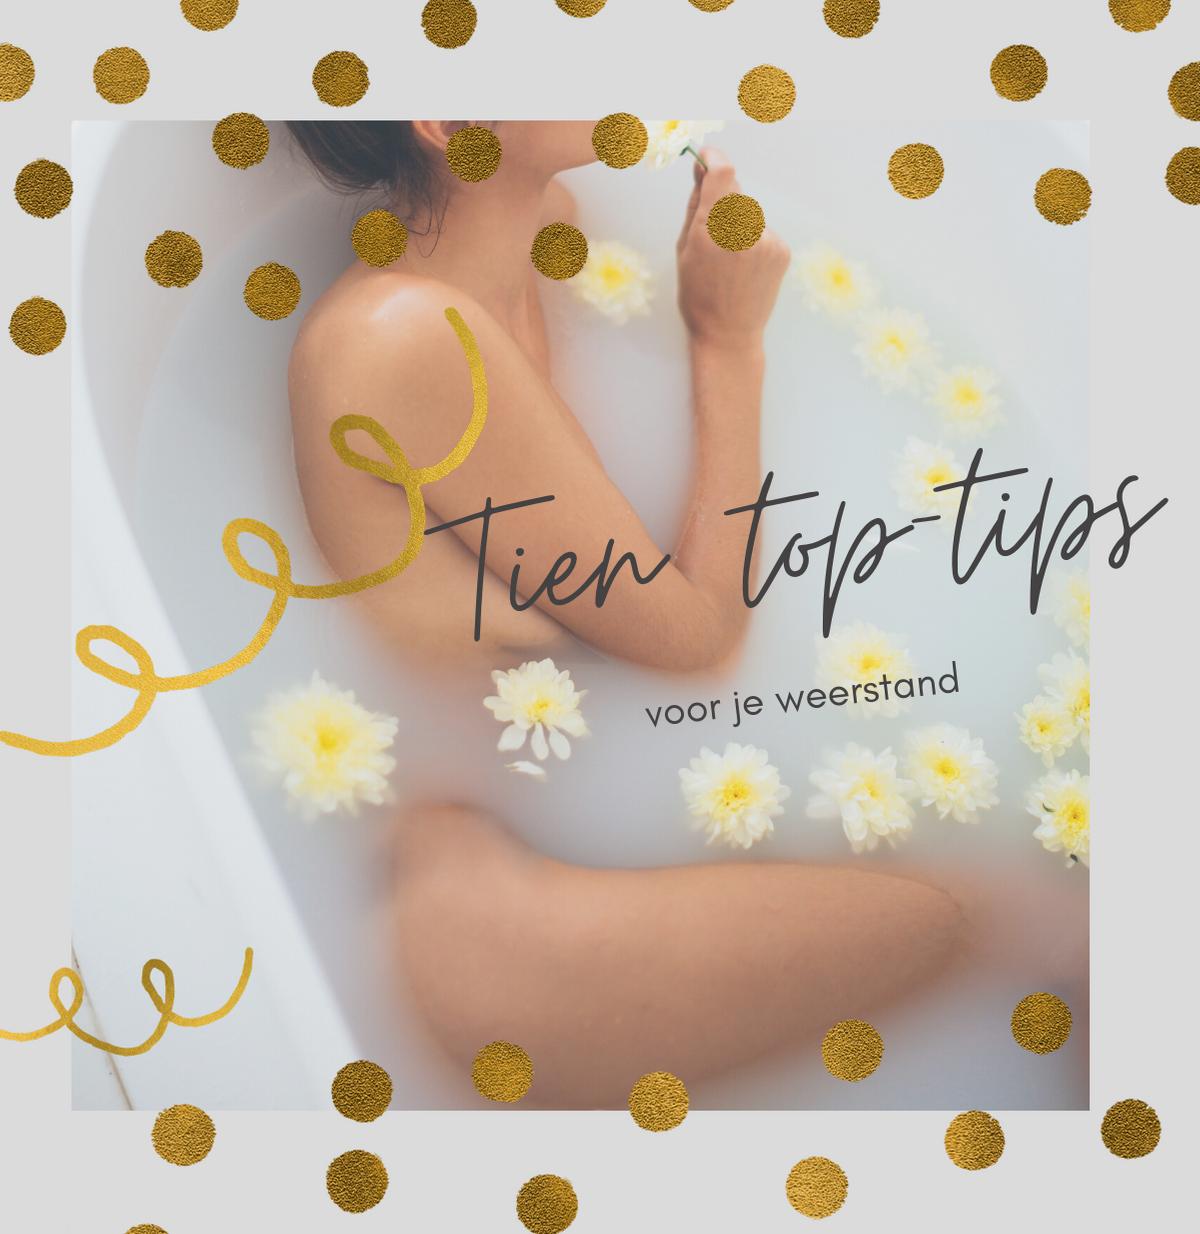 Tien top-tips voor je weerstand